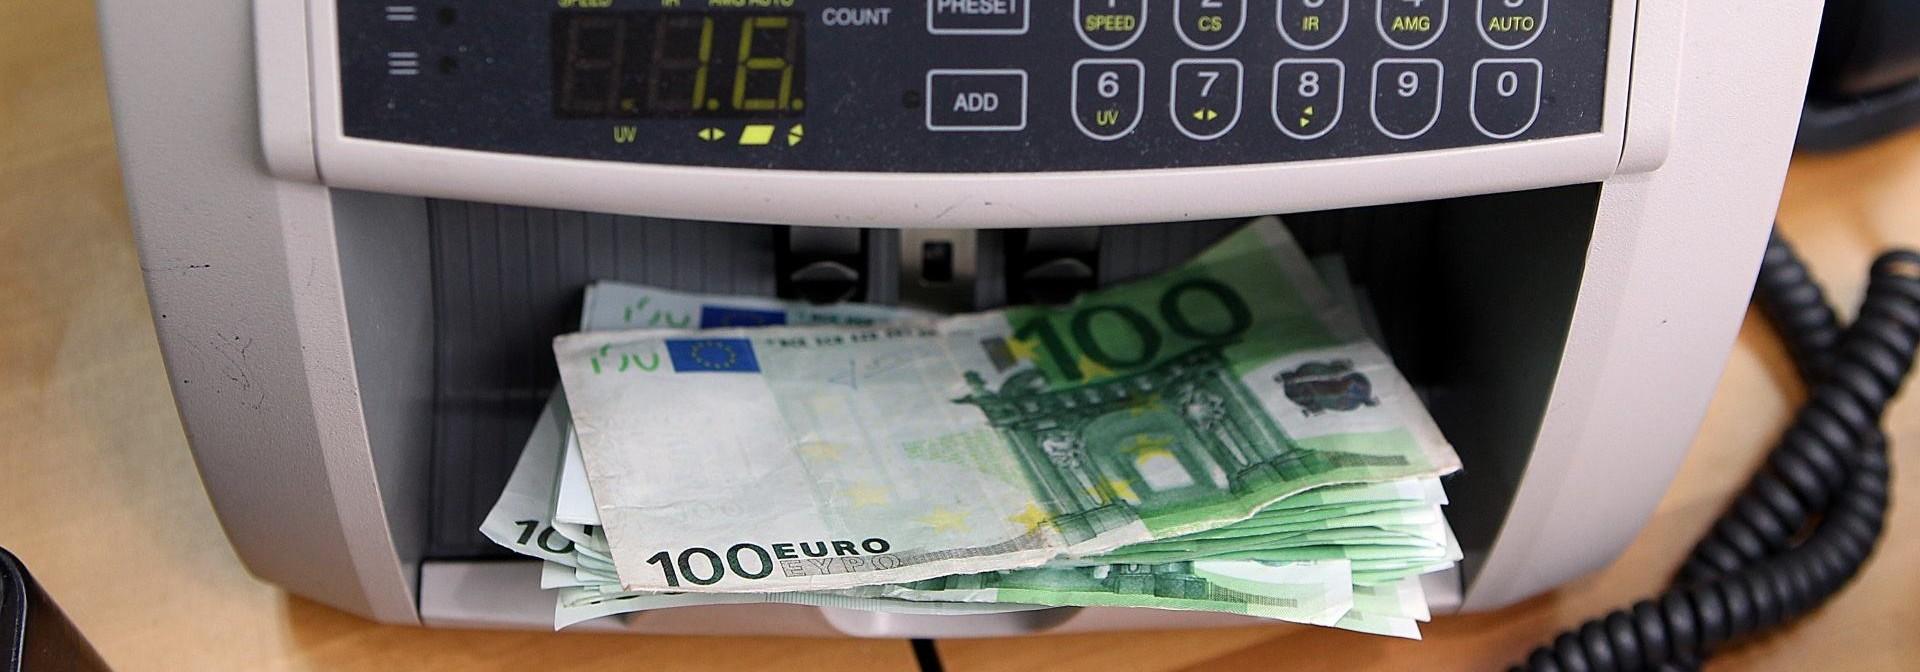 ZA SVAKU POHVALU Sisačka Tehnička škola iz fondova EU povukla oko milijun eura